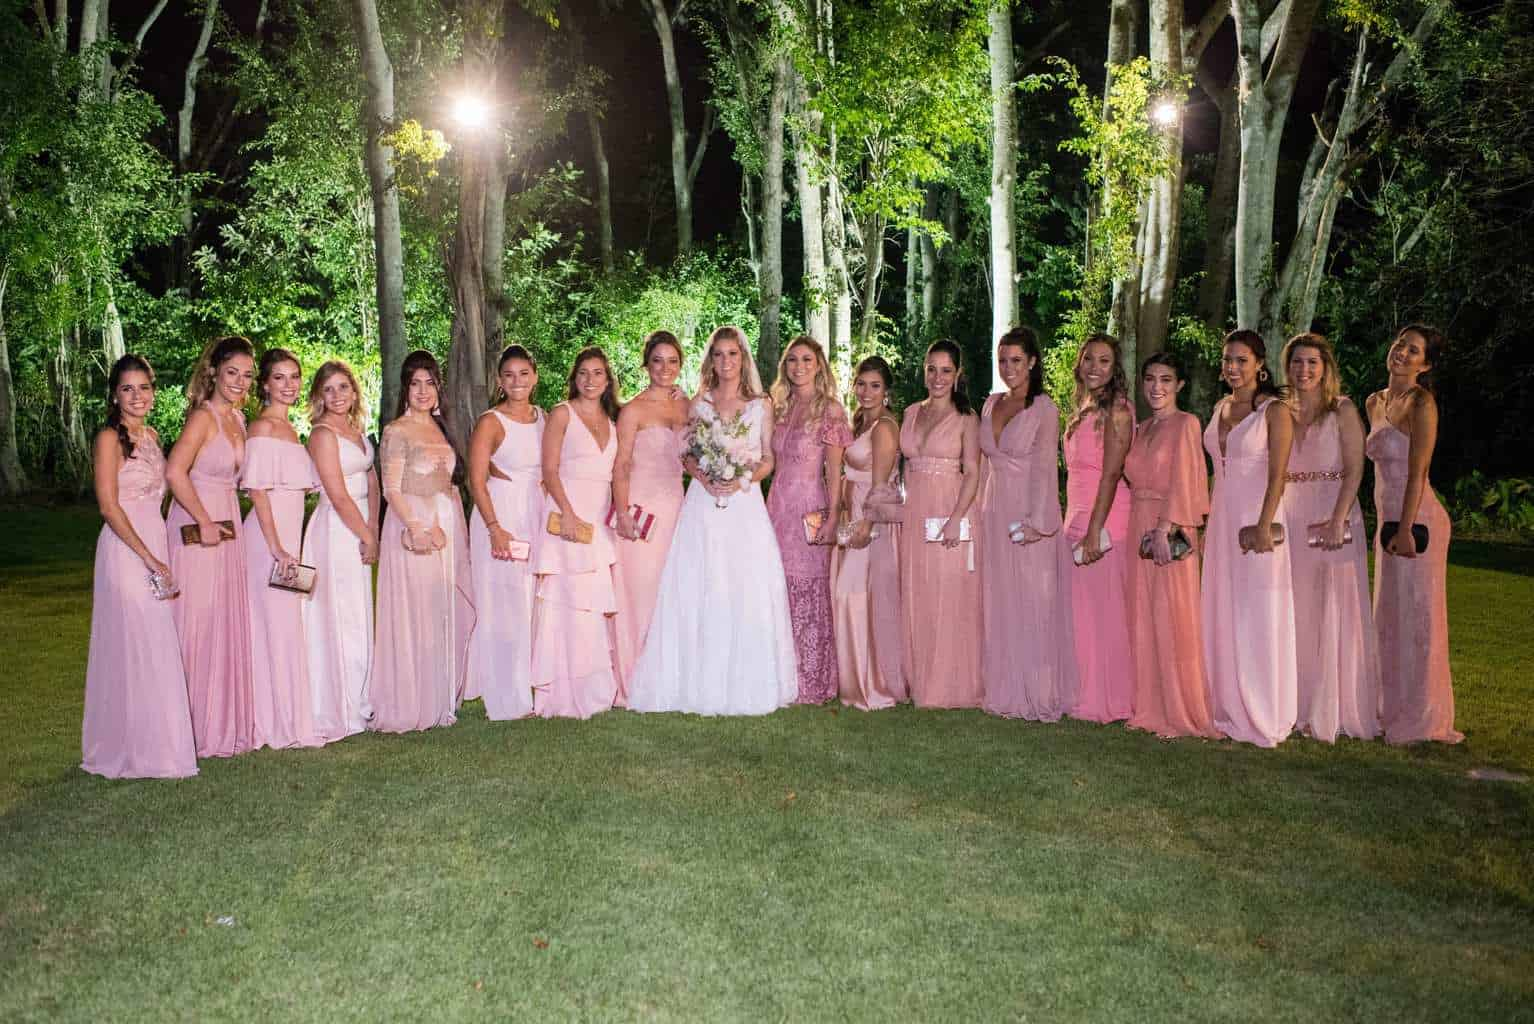 casamento-de-dia-casamento-Nicole-e-Thales-casamento-no-jardim-csasamento-ao-ar-livre-Fotografia-Marina-Fava-Galeria-Jardim-Rio-de-Janeiro-103